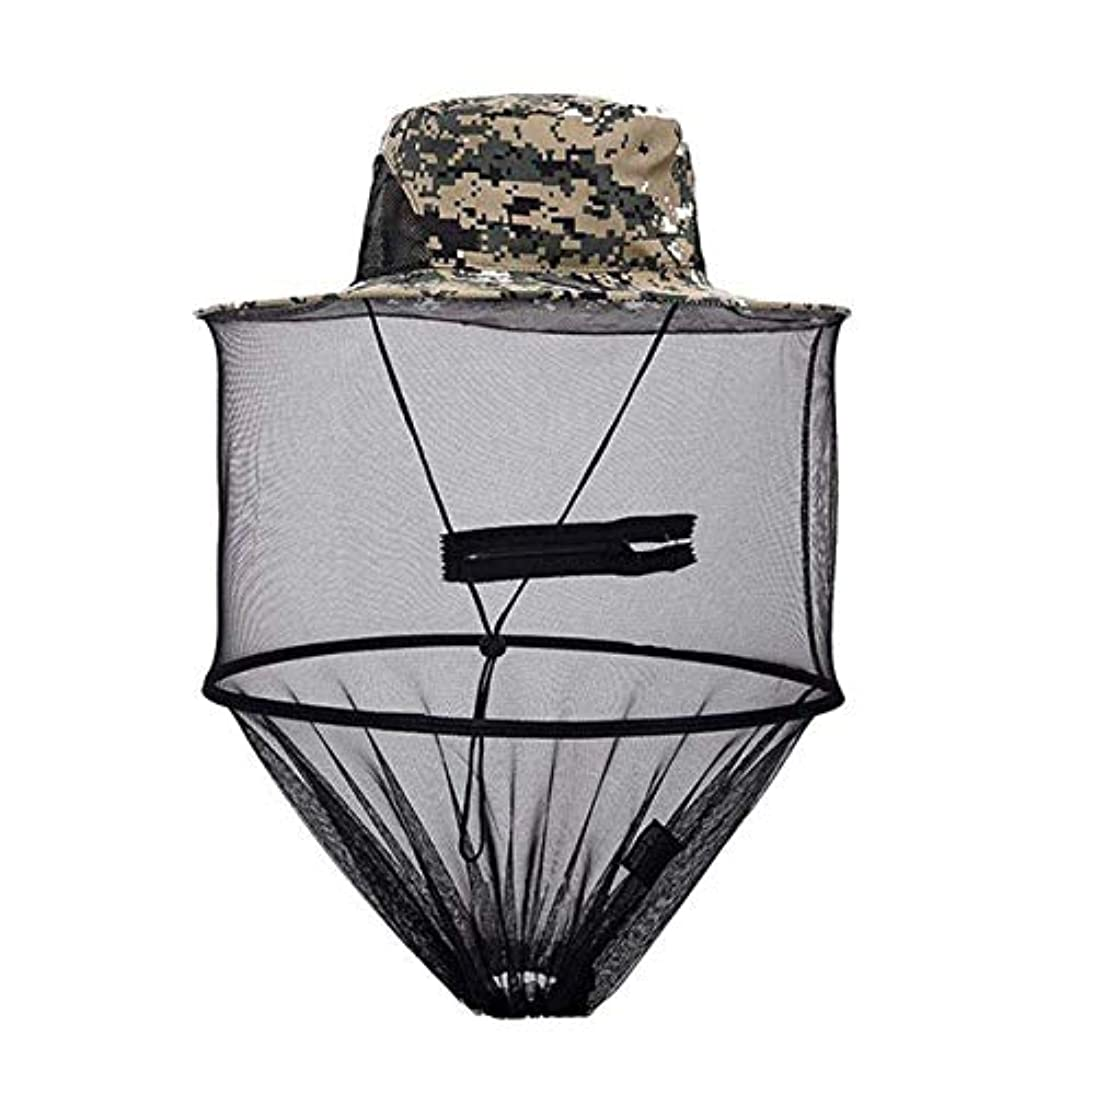 ノート真面目な納税者Saikogoods アウトドアキャンプハイキング狩猟のためにネットメッシュ?ヘッドフェイスプロテクター 釣りの帽子蚊キャップ ミッジフライバグ昆虫蜂ハット デジタル迷彩